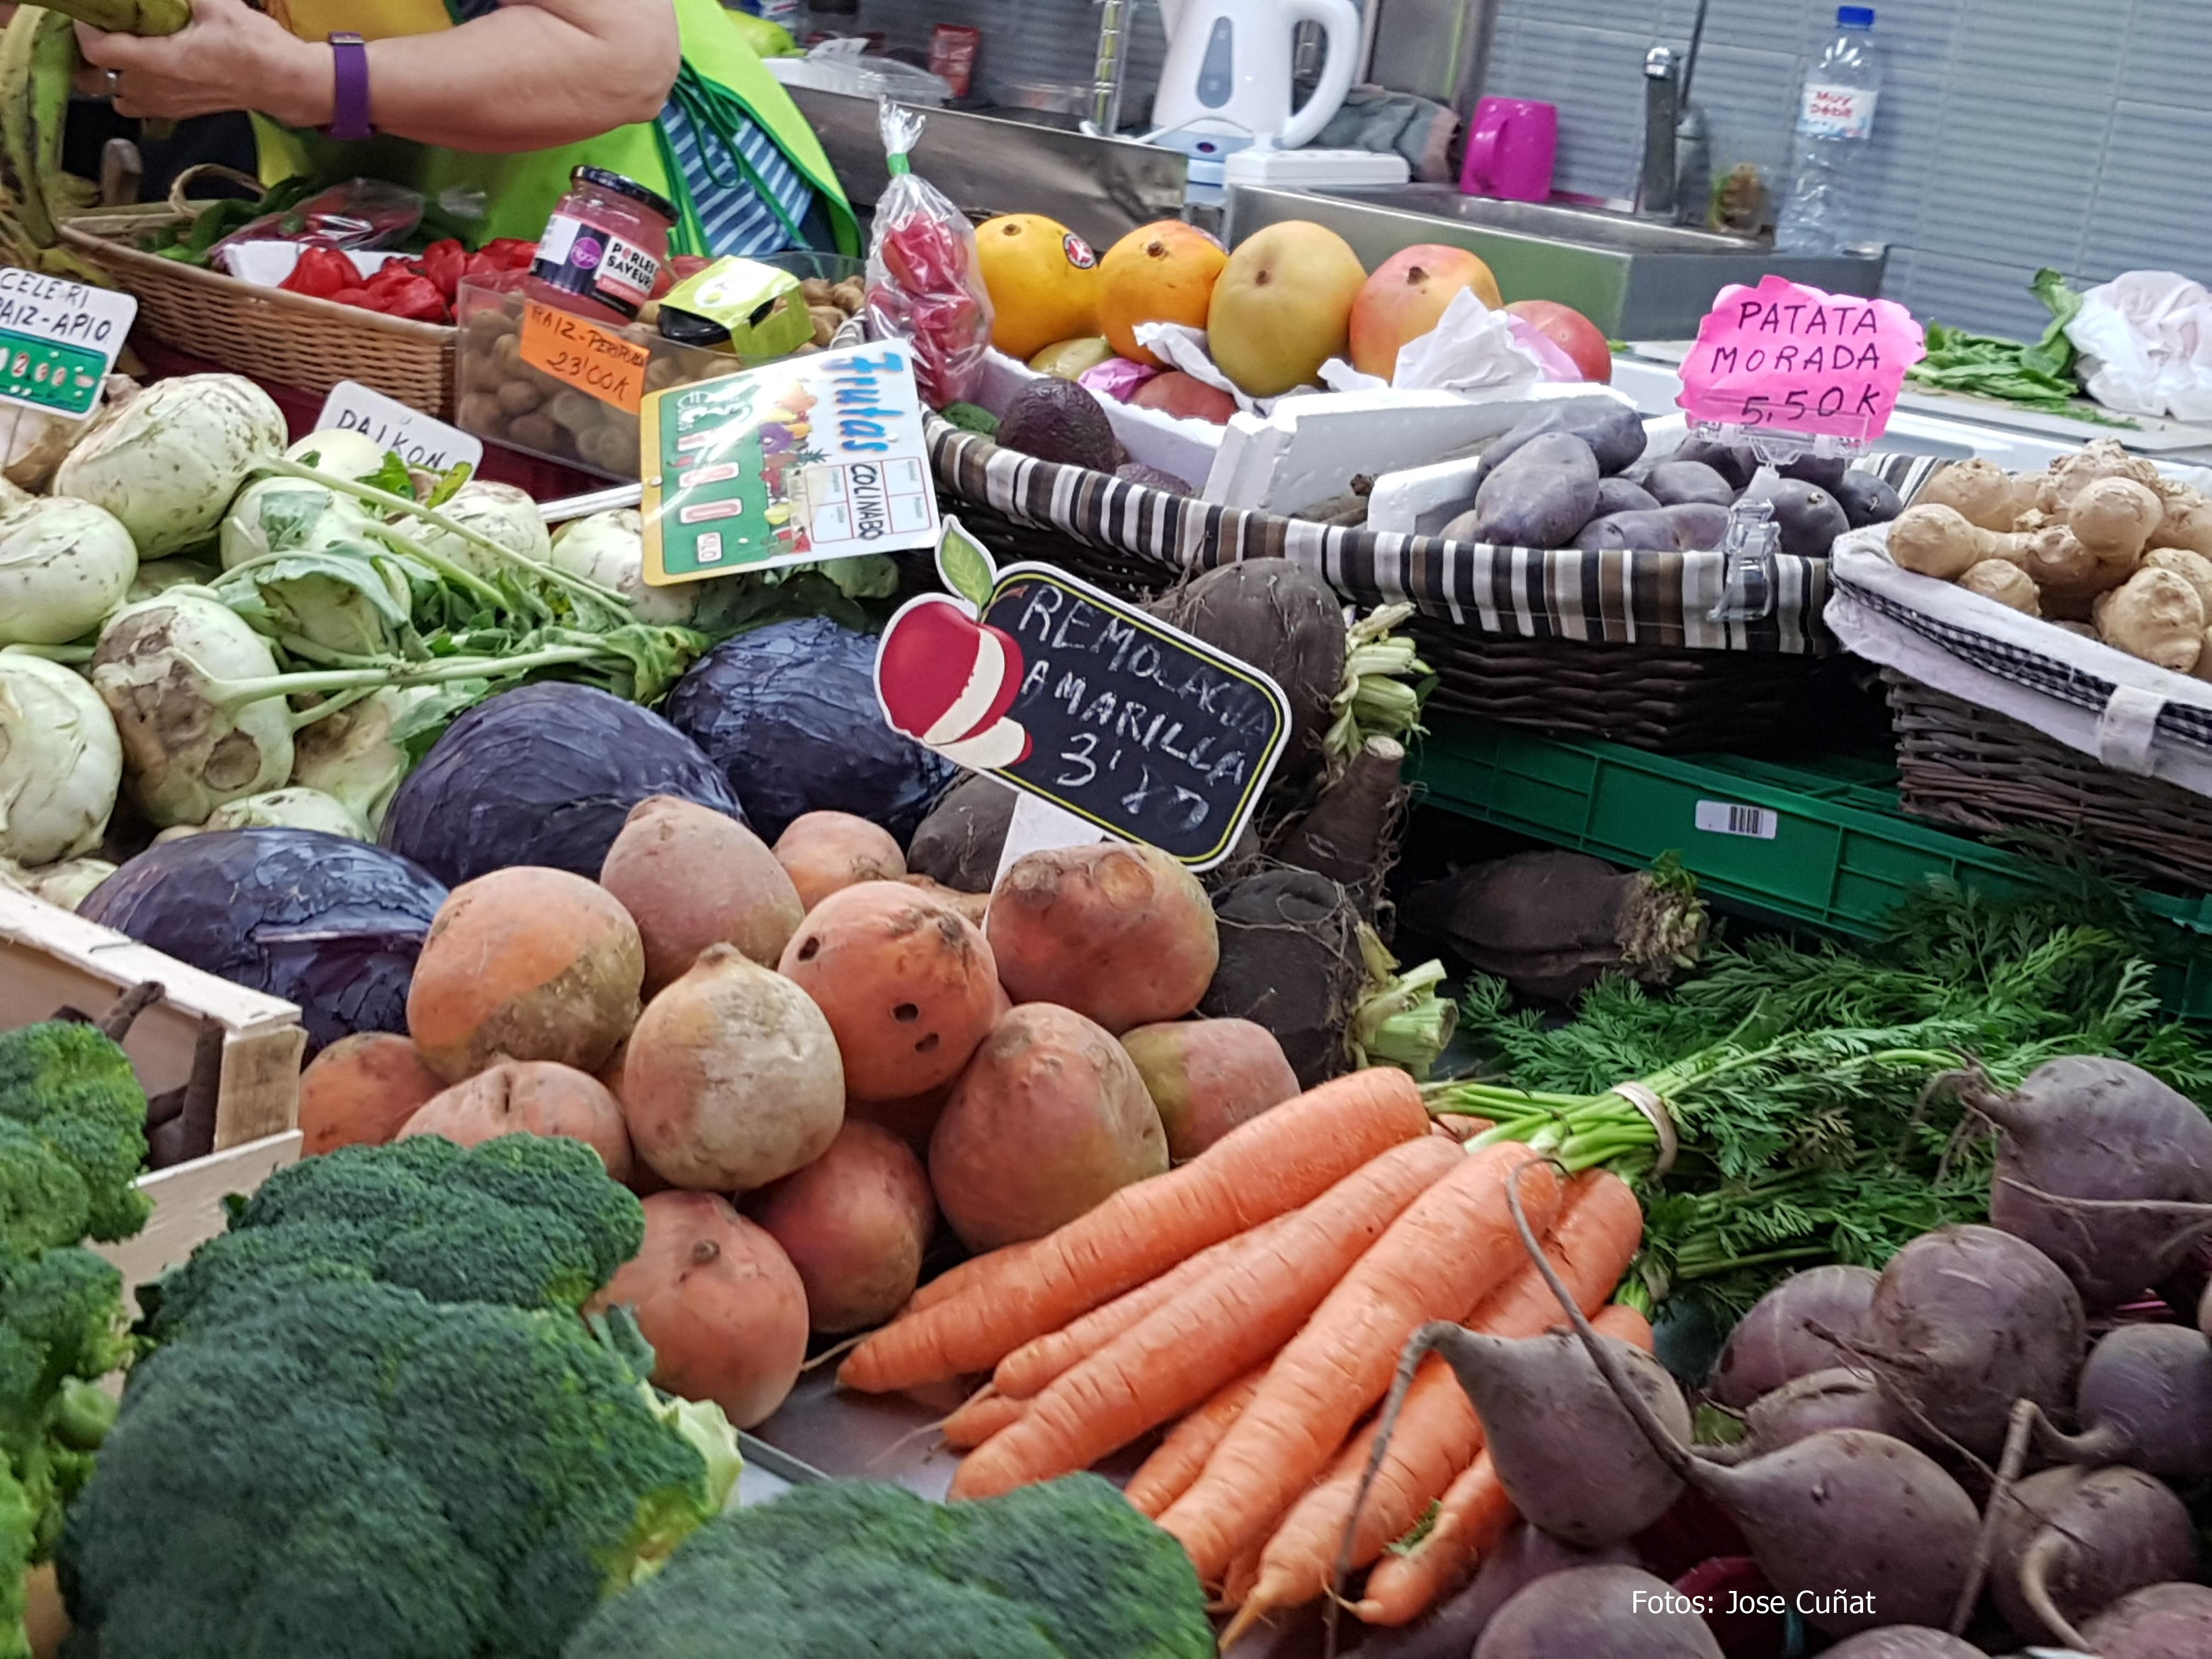 El Mercado Central abrirá, de manera extraordinaria, el sábado 23 de diciembre hasta las 20:00 horas